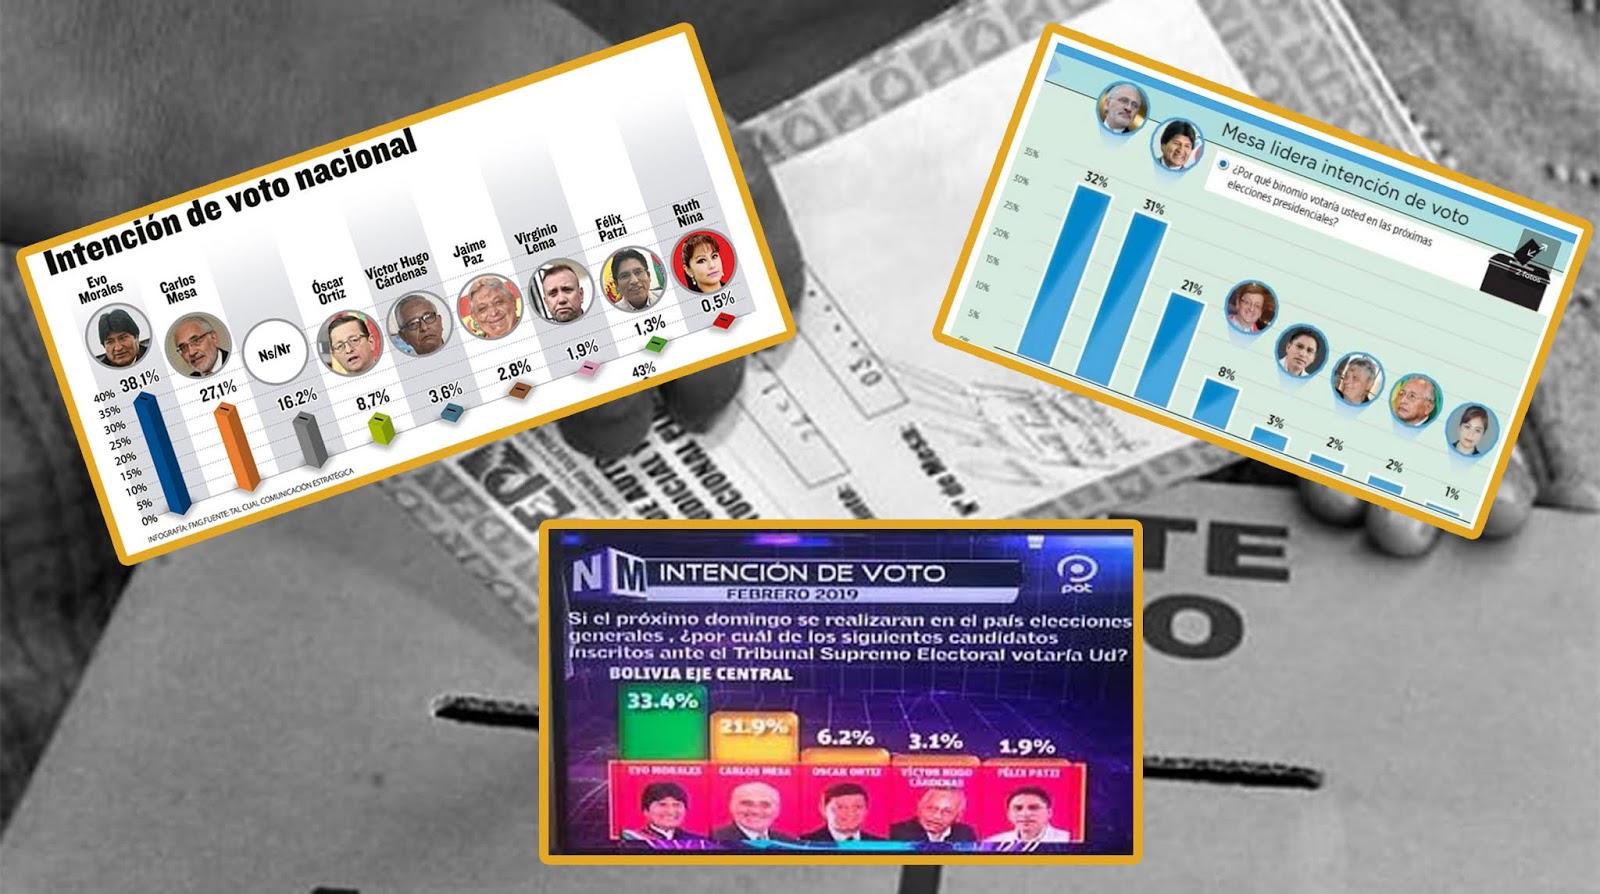 Todas las encuestas muestran una elección polarizada entre dos candidaturas con posibilidades reales de ganar /